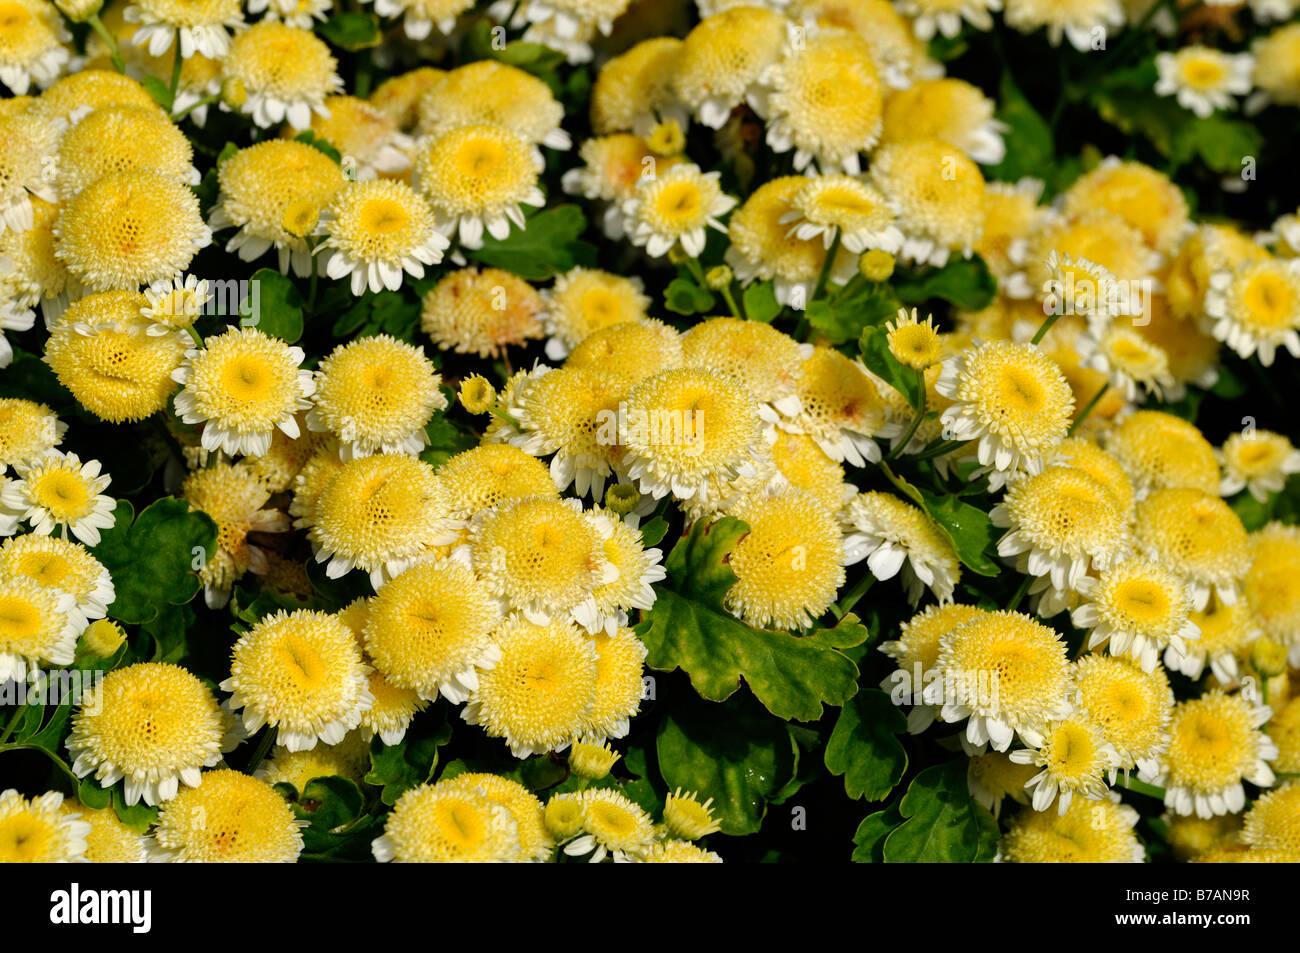 Chrysanthemum morifolium ramat butterball yellow flowers daisy type chrysanthemum morifolium ramat butterball yellow flowers daisy type annual flower bloom blossom yellow mightylinksfo